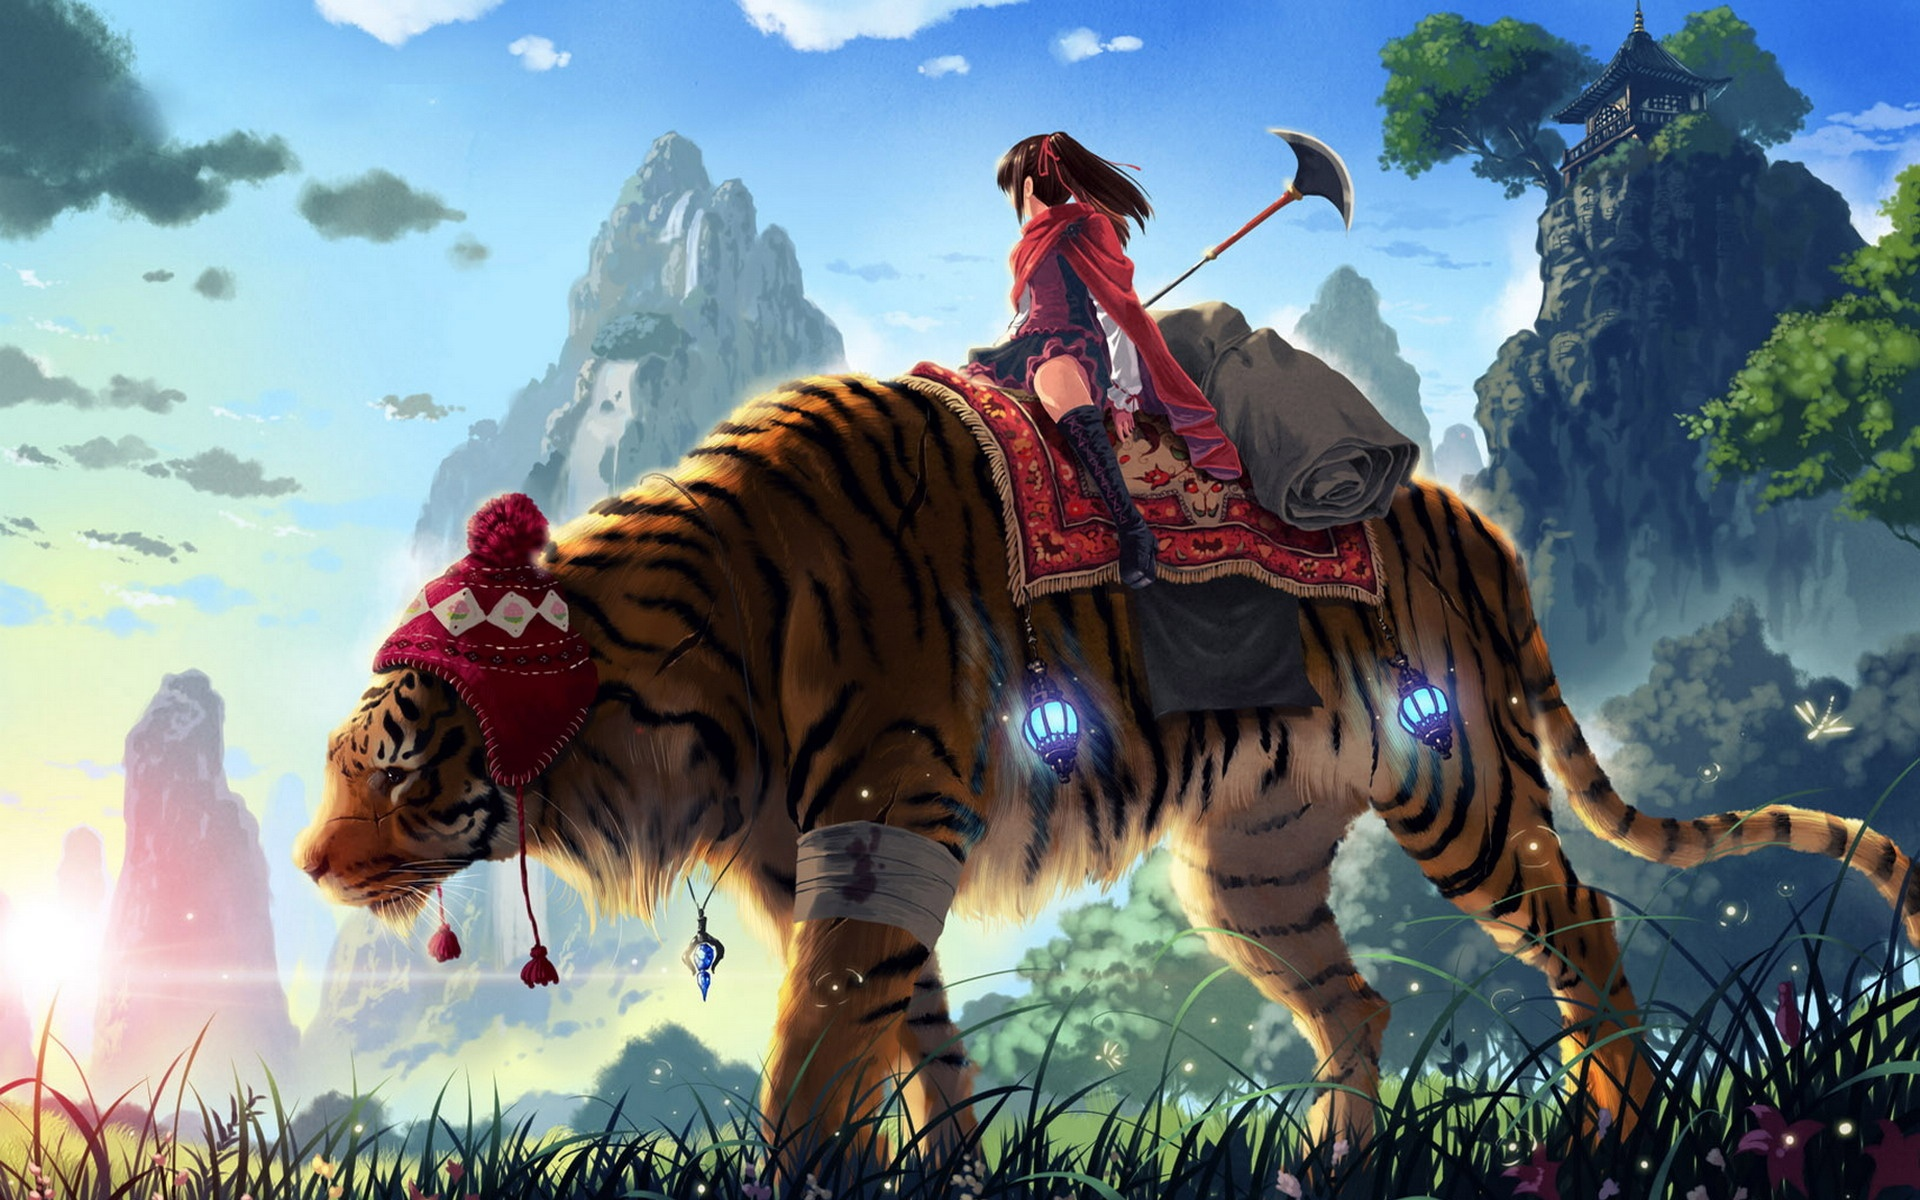 tiger wallpaper download 3d